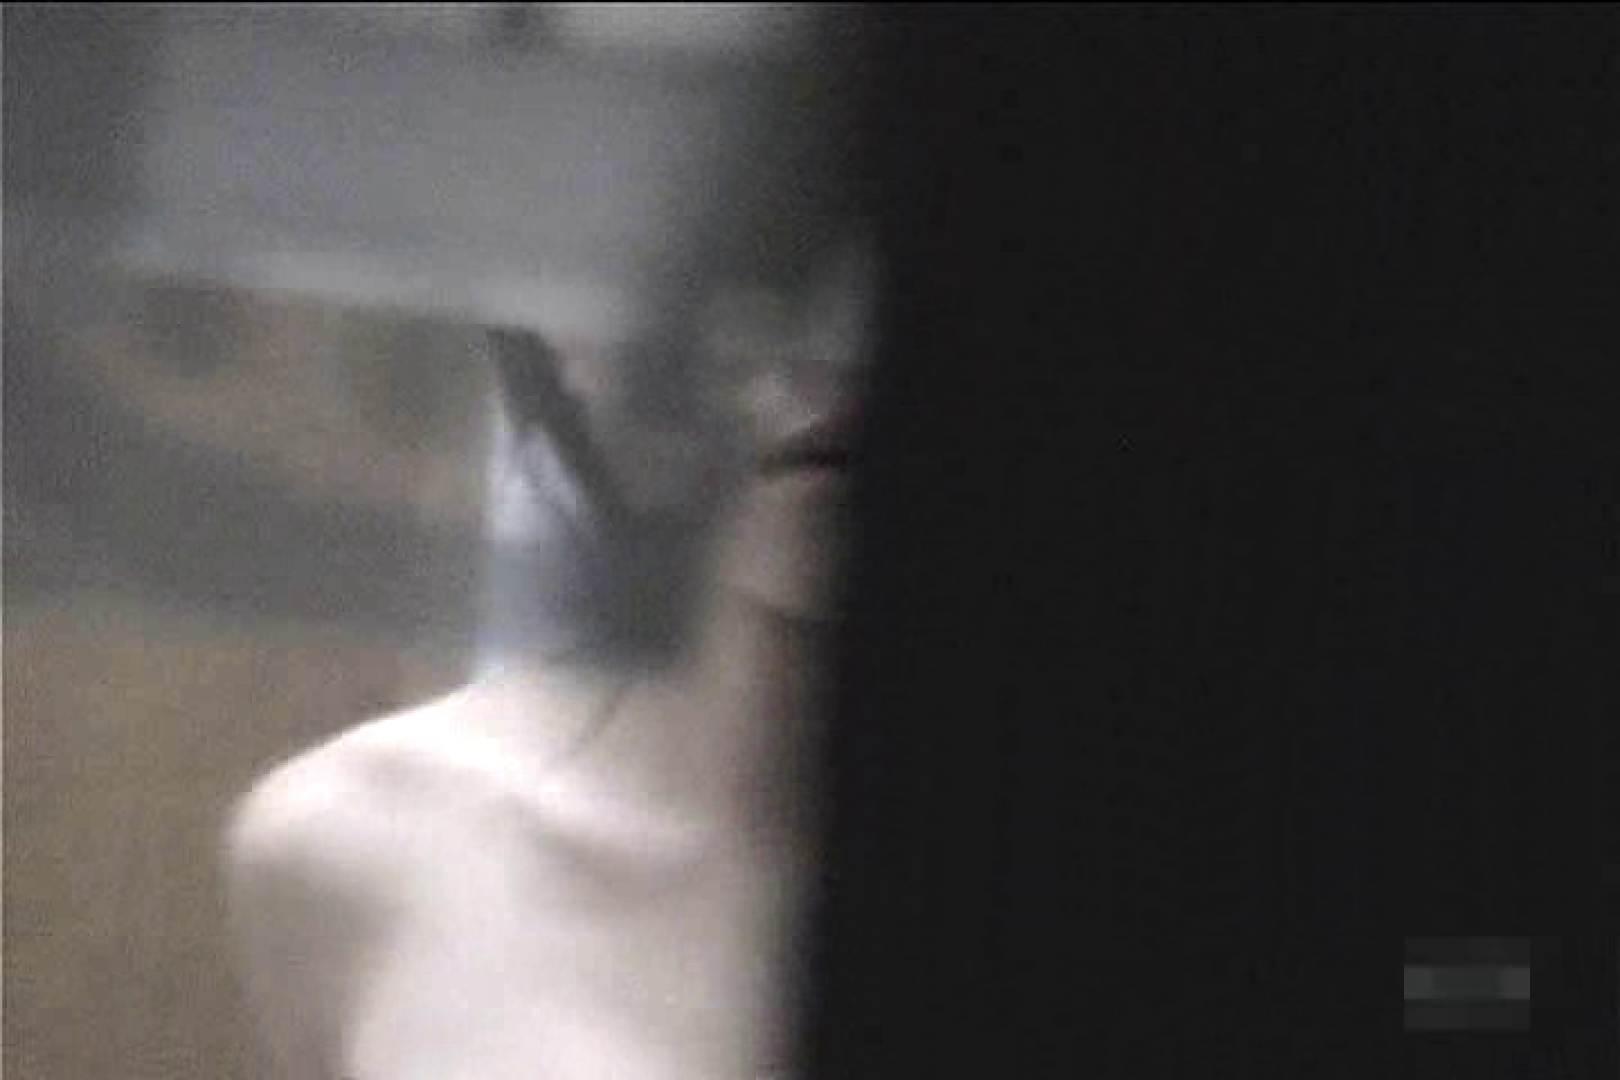 激撮ストーカー記録あなたのお宅拝見しますVol.11 エロすぎオナニー | エロティックなOL  63画像 29